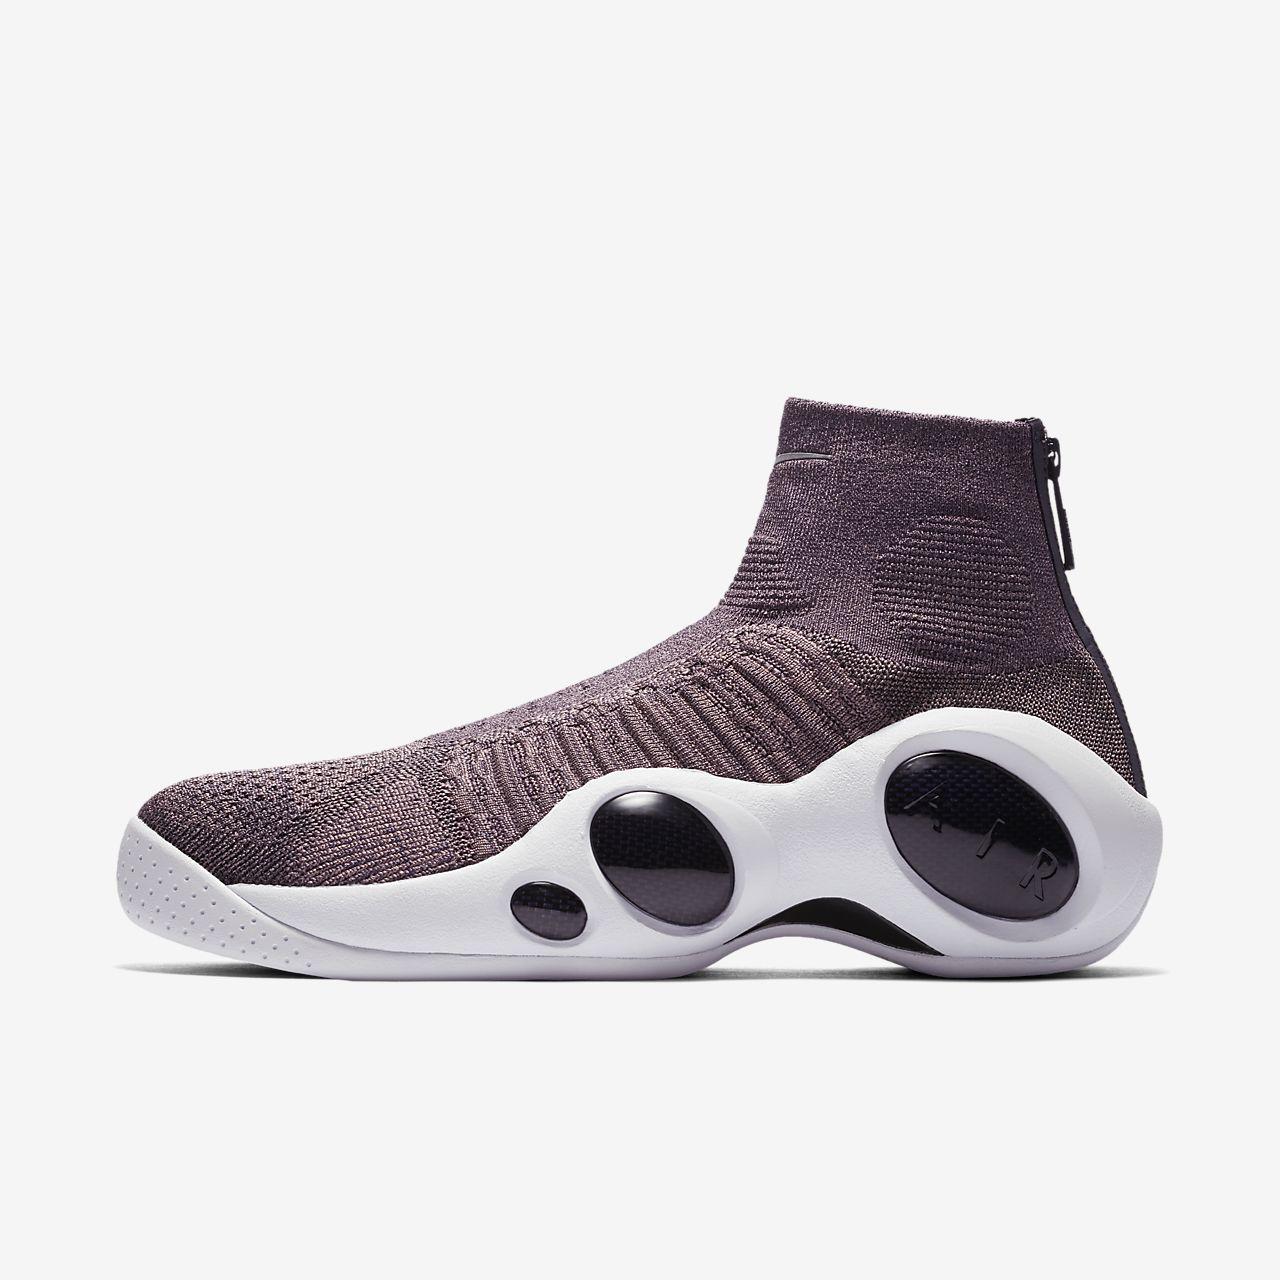 c34a7de604f97 Chaussure Nike Flight Bonafide pour Homme. Nike.com FR